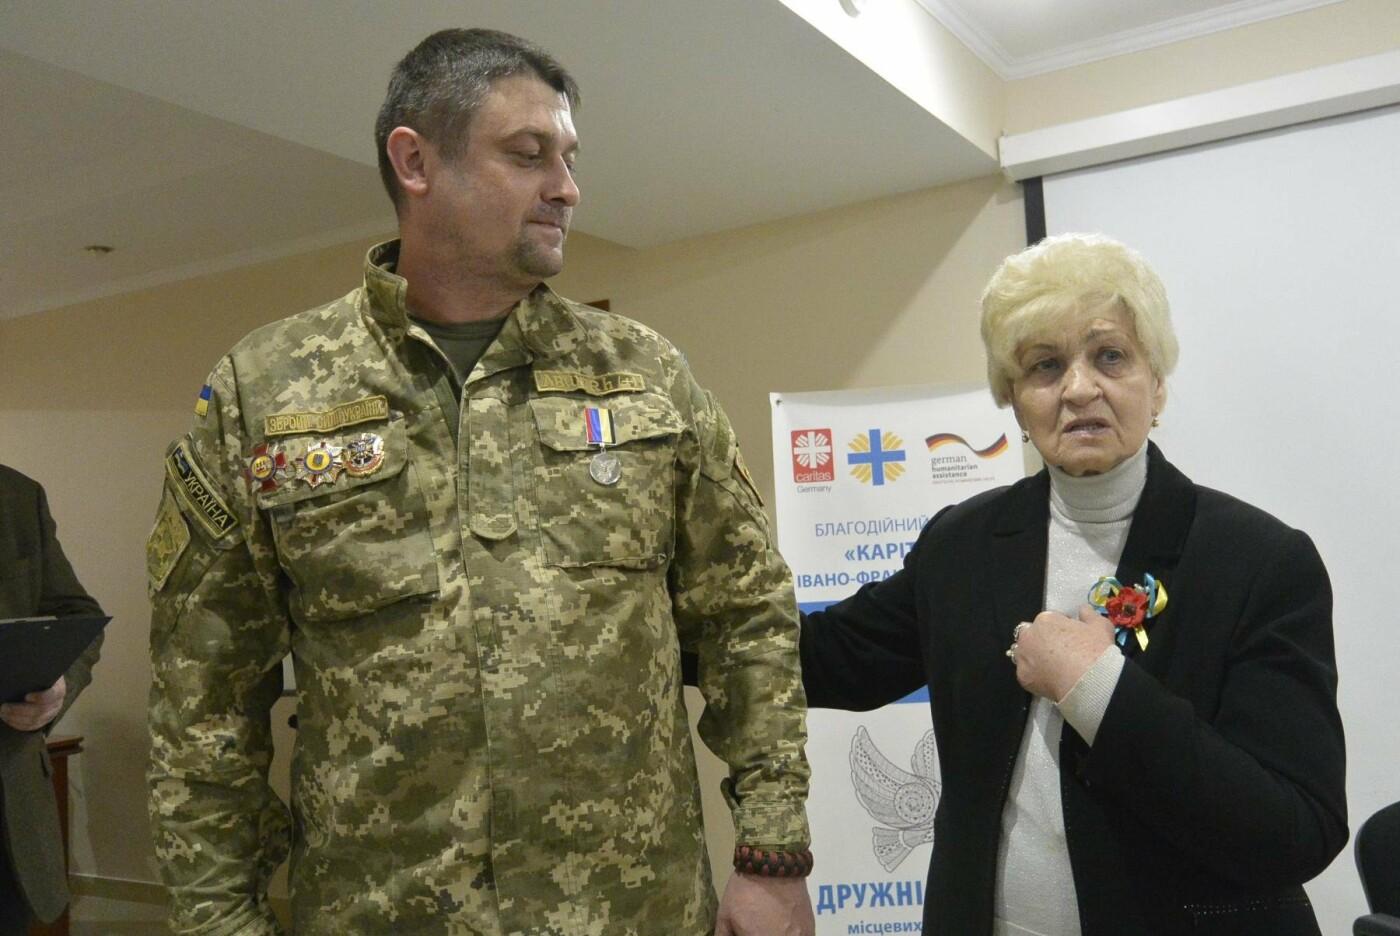 У Франківську думали, як примирити людей після завершення конфлікту на Донбасі. ФОТО, фото-2